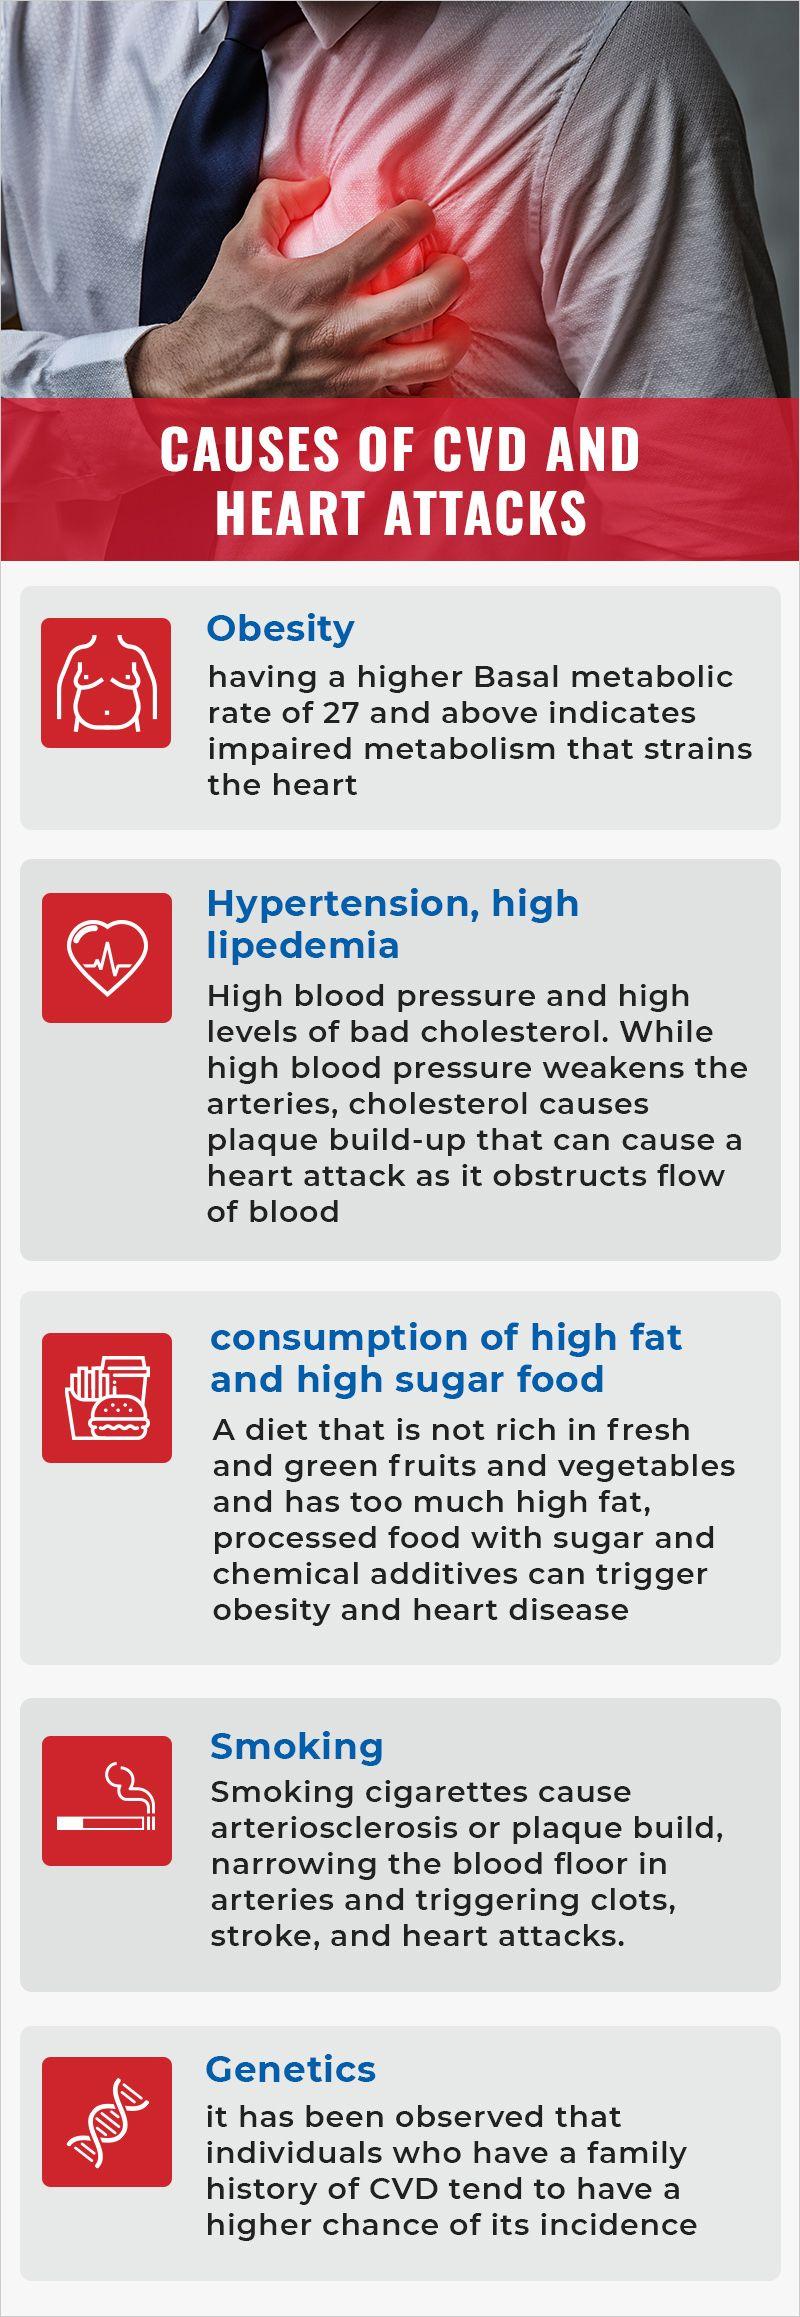 CVD and heart attacks